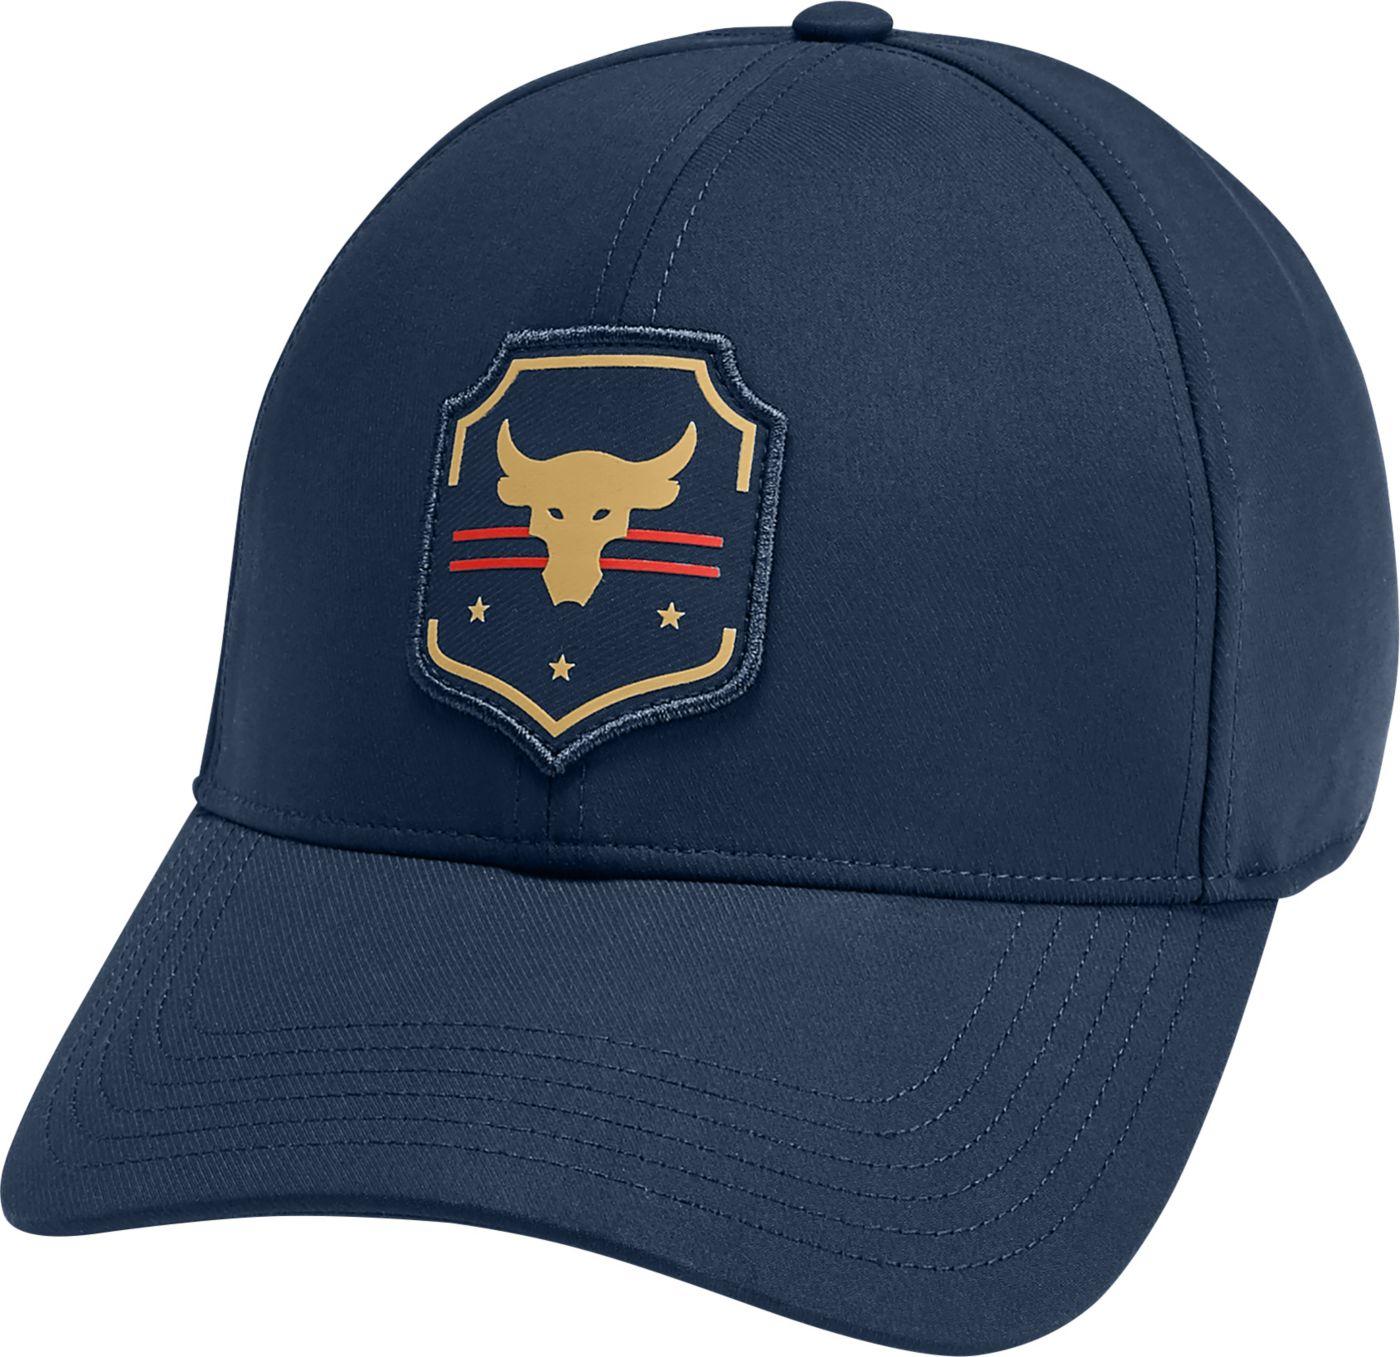 Under Armour Men's Project Rock STR Hat